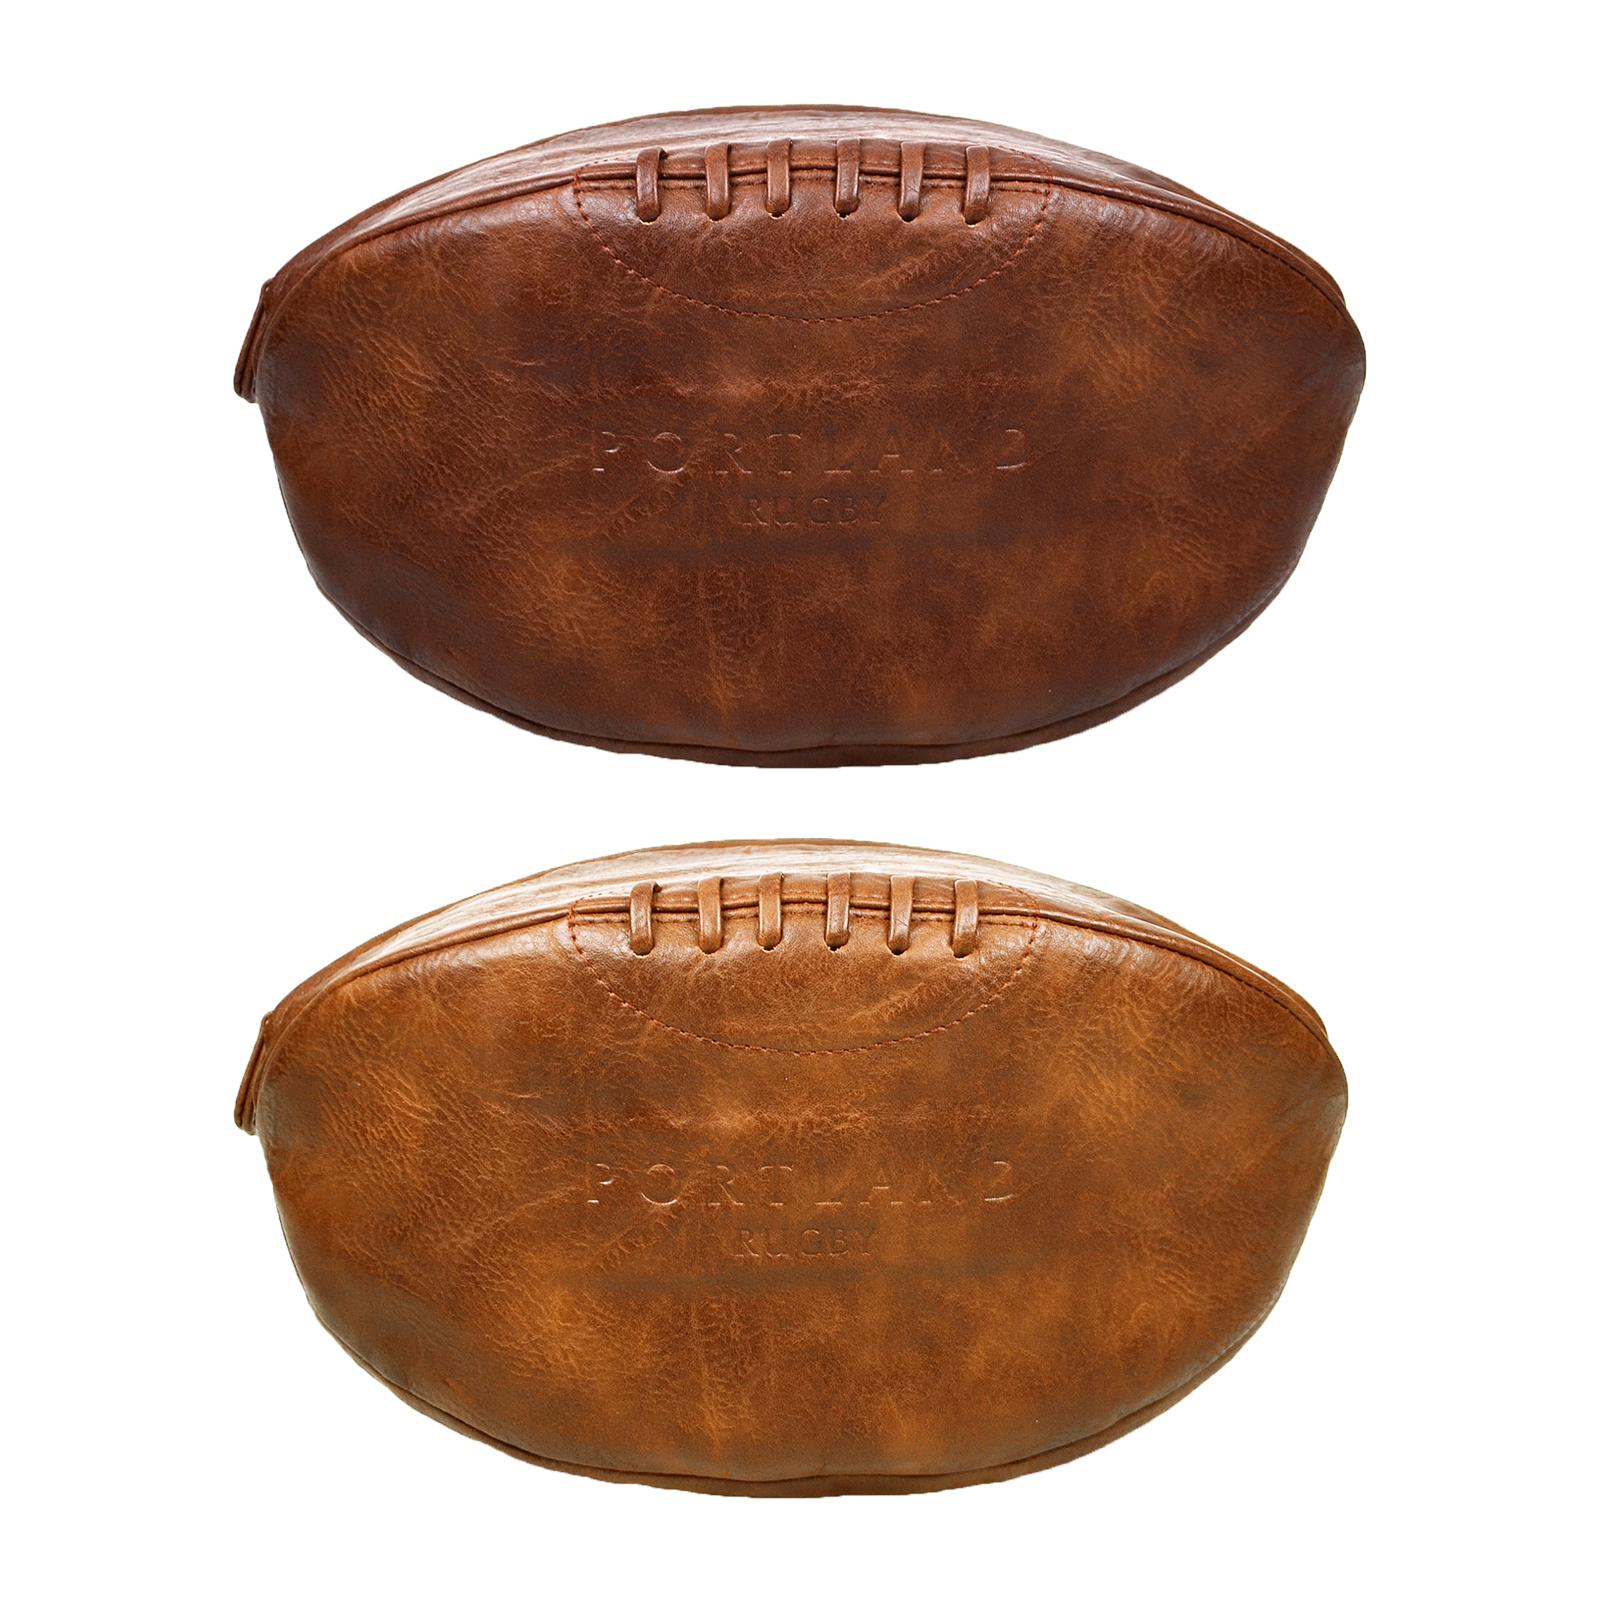 Hommes portland vintage brun cuir synth tique sport ensemble ballon de rugby - Ballon de rugby cuir vintage ...